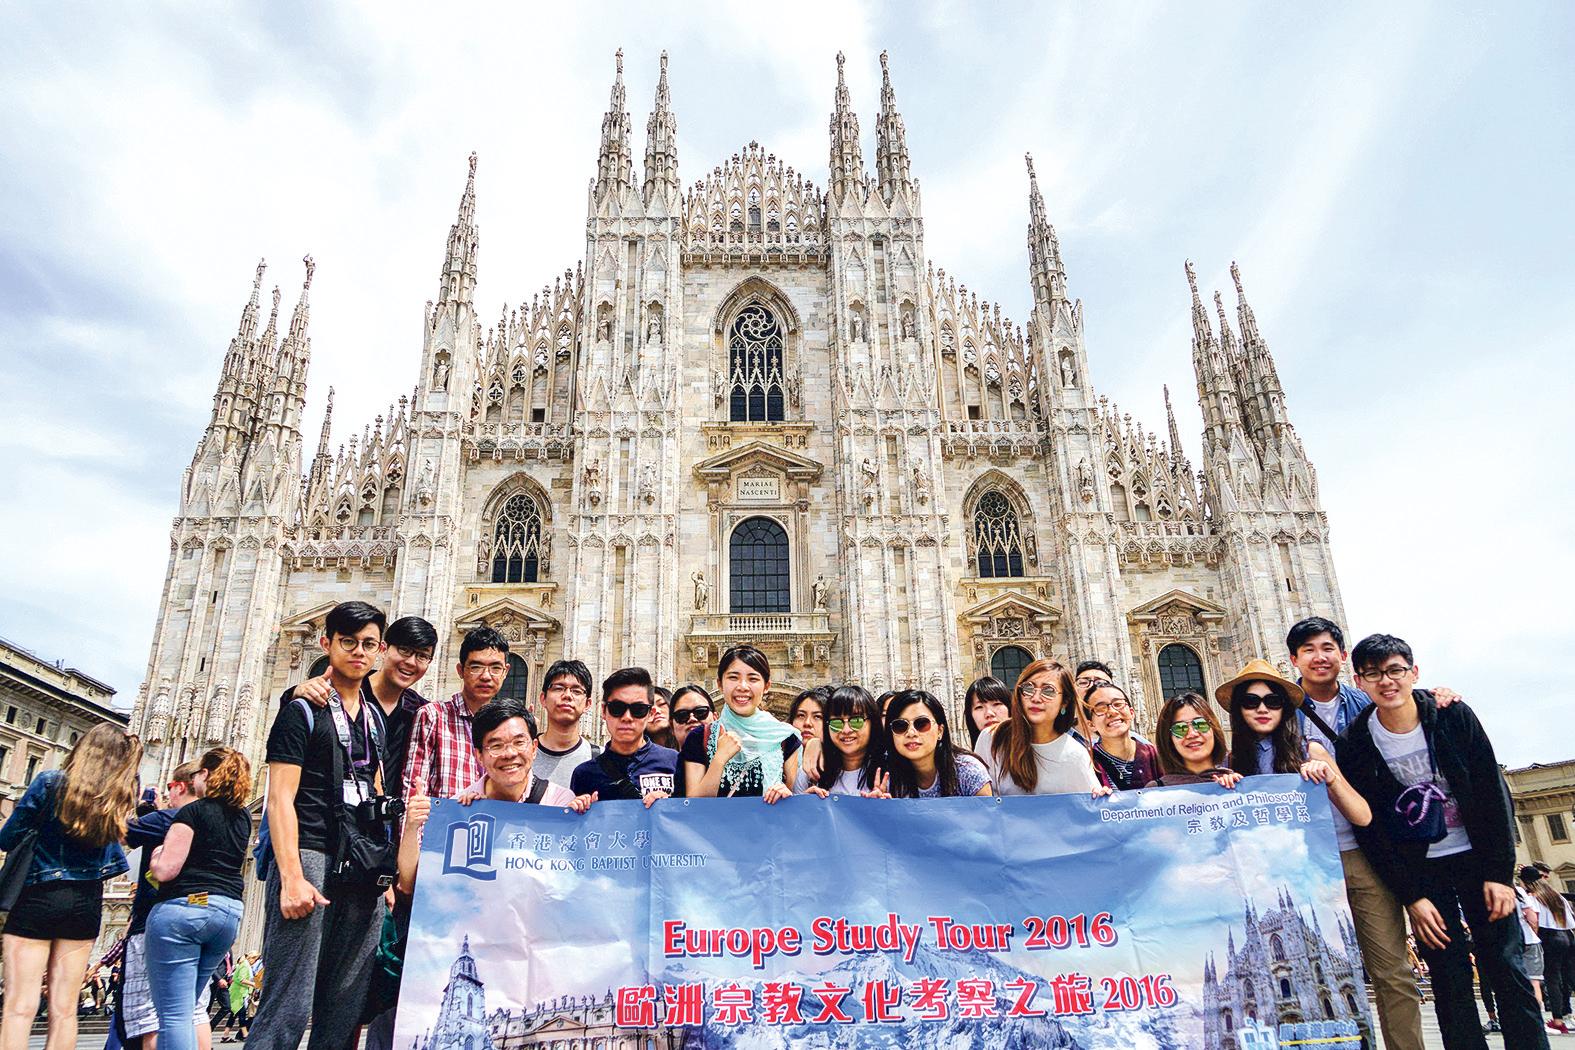 Blanche(前排右五)透過參加歐洲宗教文化考察之 旅,有機會觀賞與宗教有關的藝術品、教堂建築,不 禁令她大開眼界!